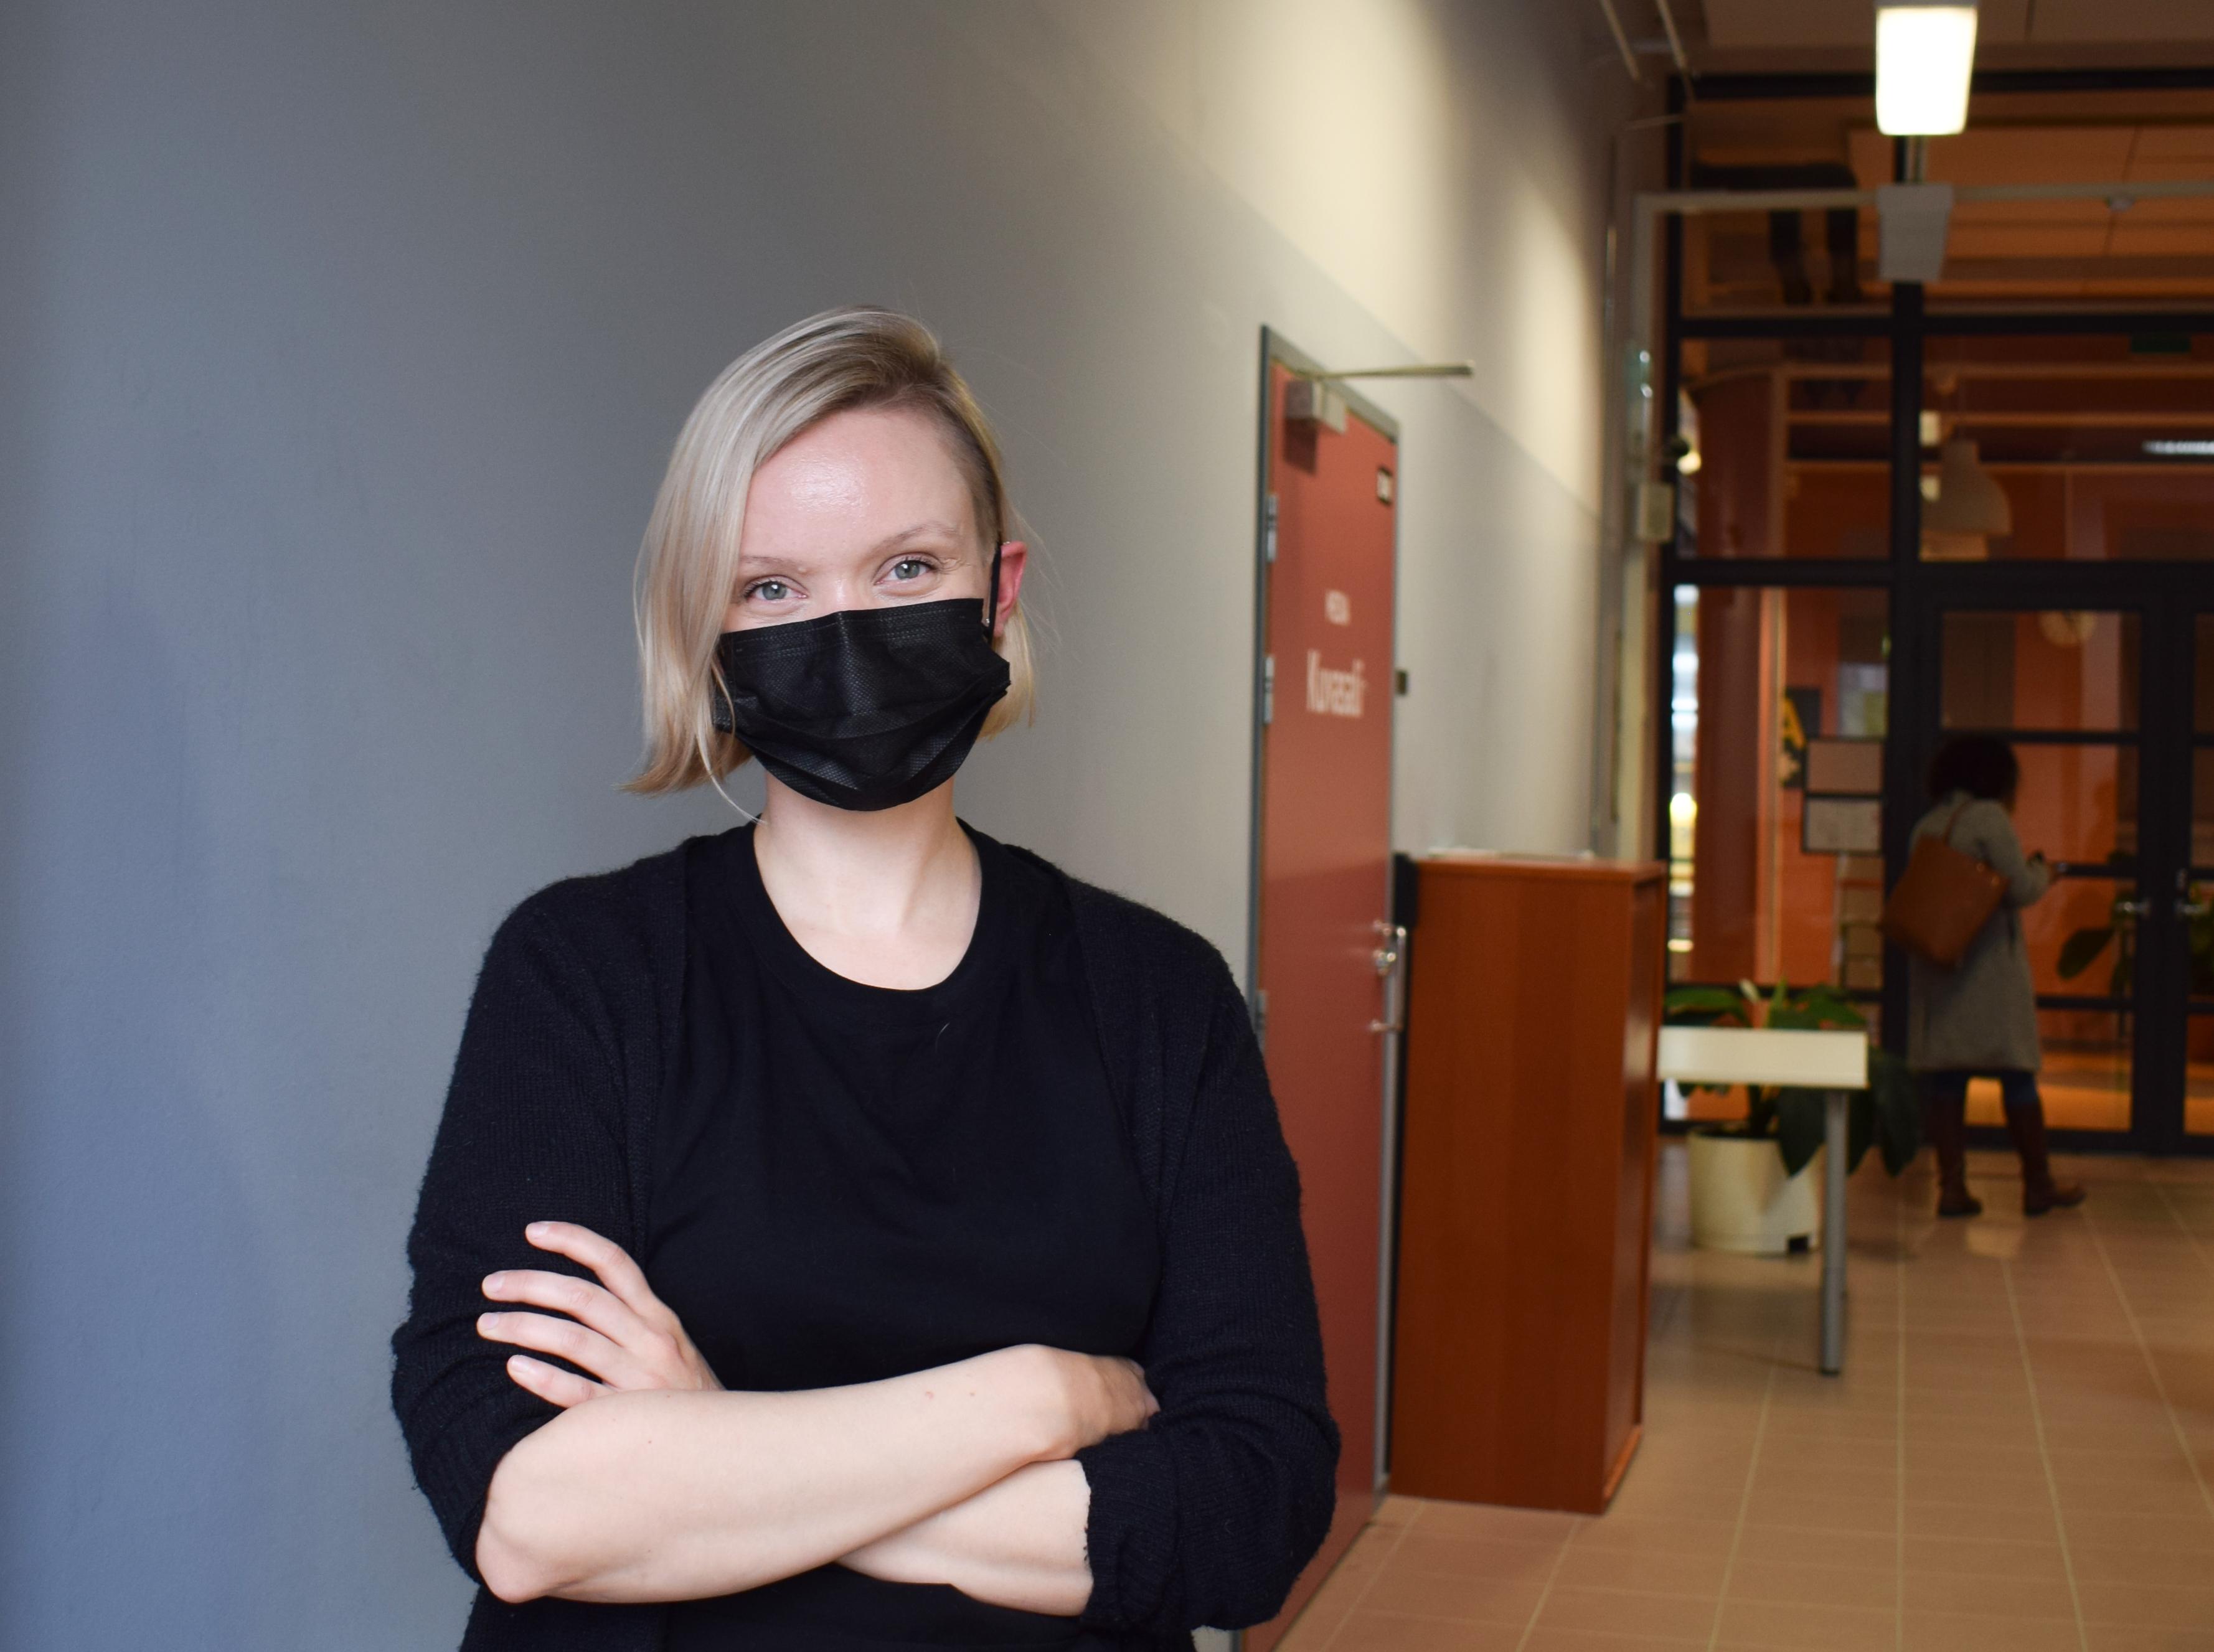 Satu Heikkilä poseeraa musta kasvomaski kasvoillaan.